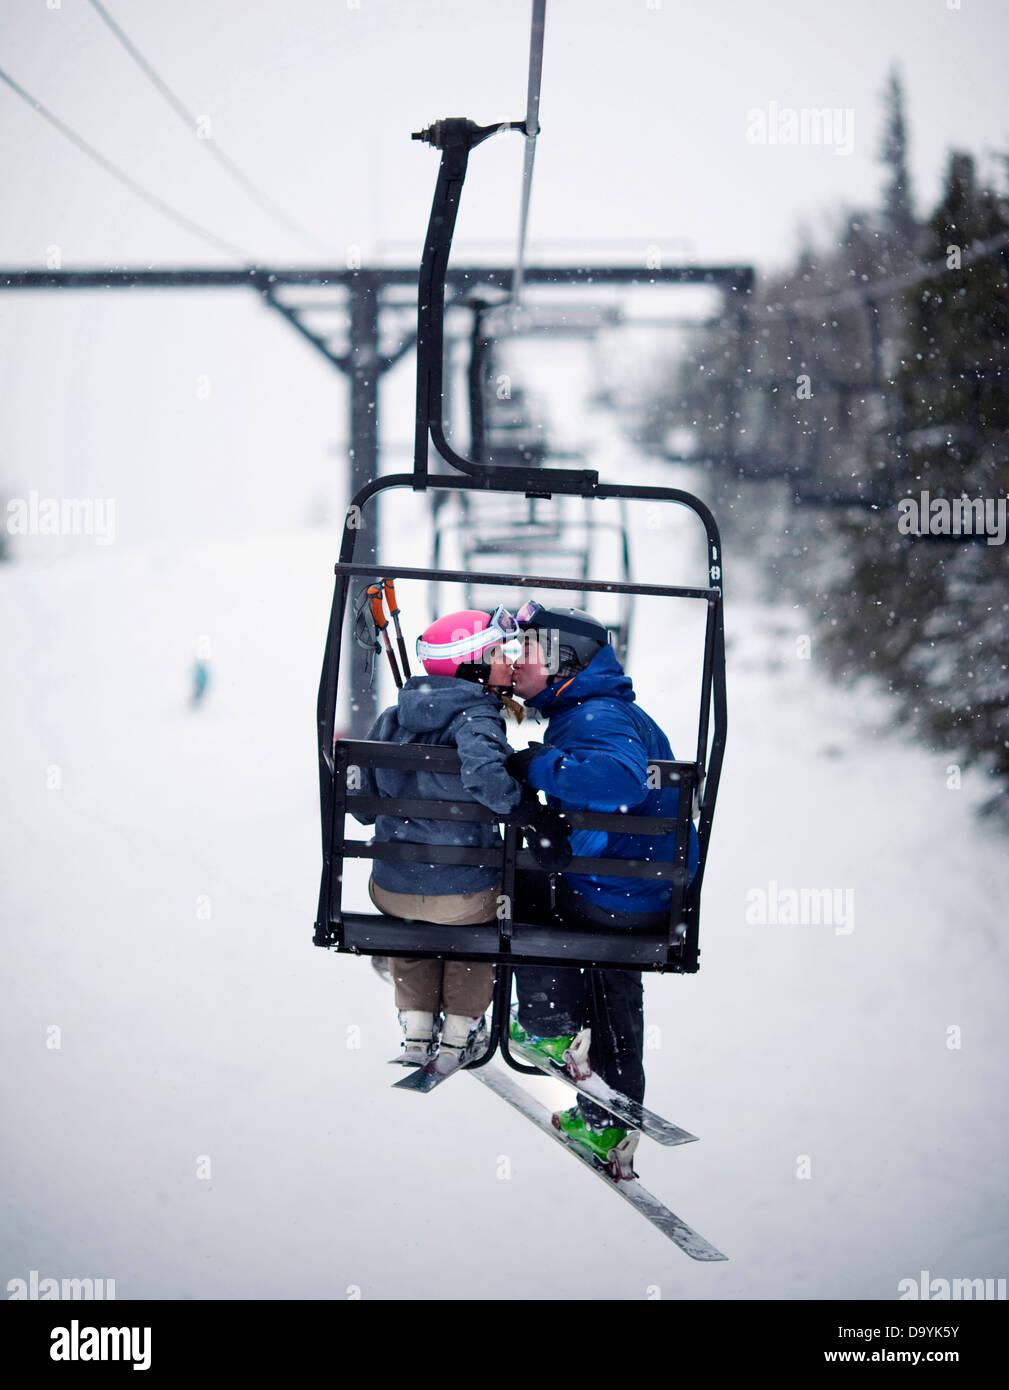 Un couple de partager un baiser sur un télésiège dans la neige qui tombe doucement. Photo Stock